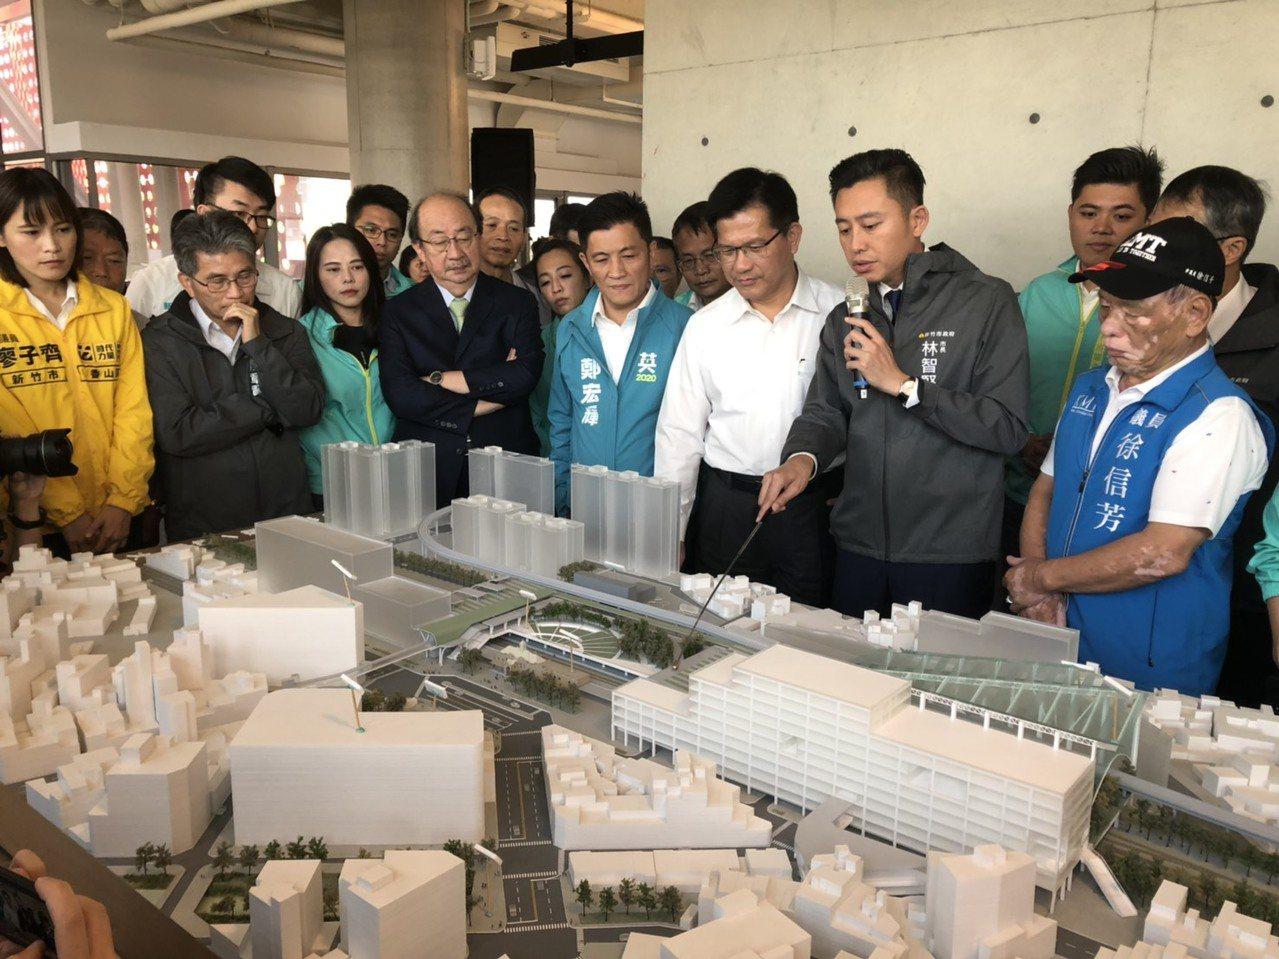 市長林智堅向交通部長林佳龍介紹「新竹火車站改造三部曲」。記者王駿杰/攝影